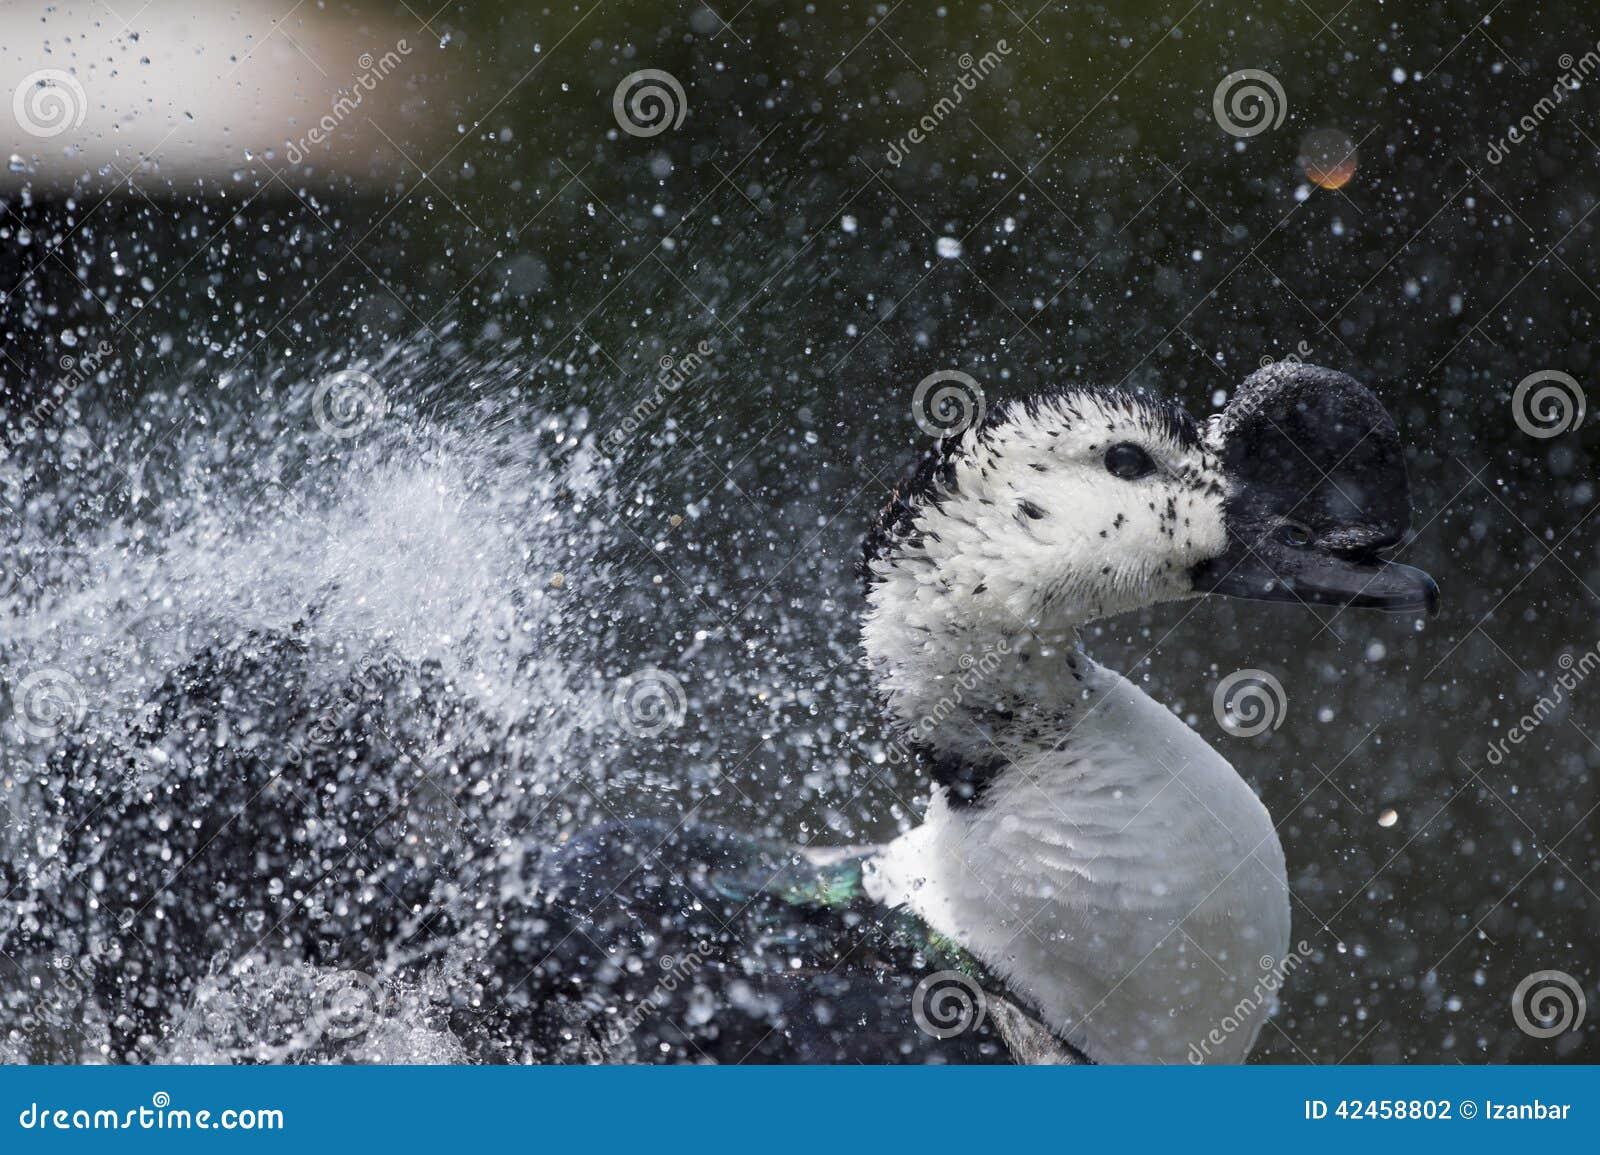 Wiild-Ente beim Spritzen auf Wasser